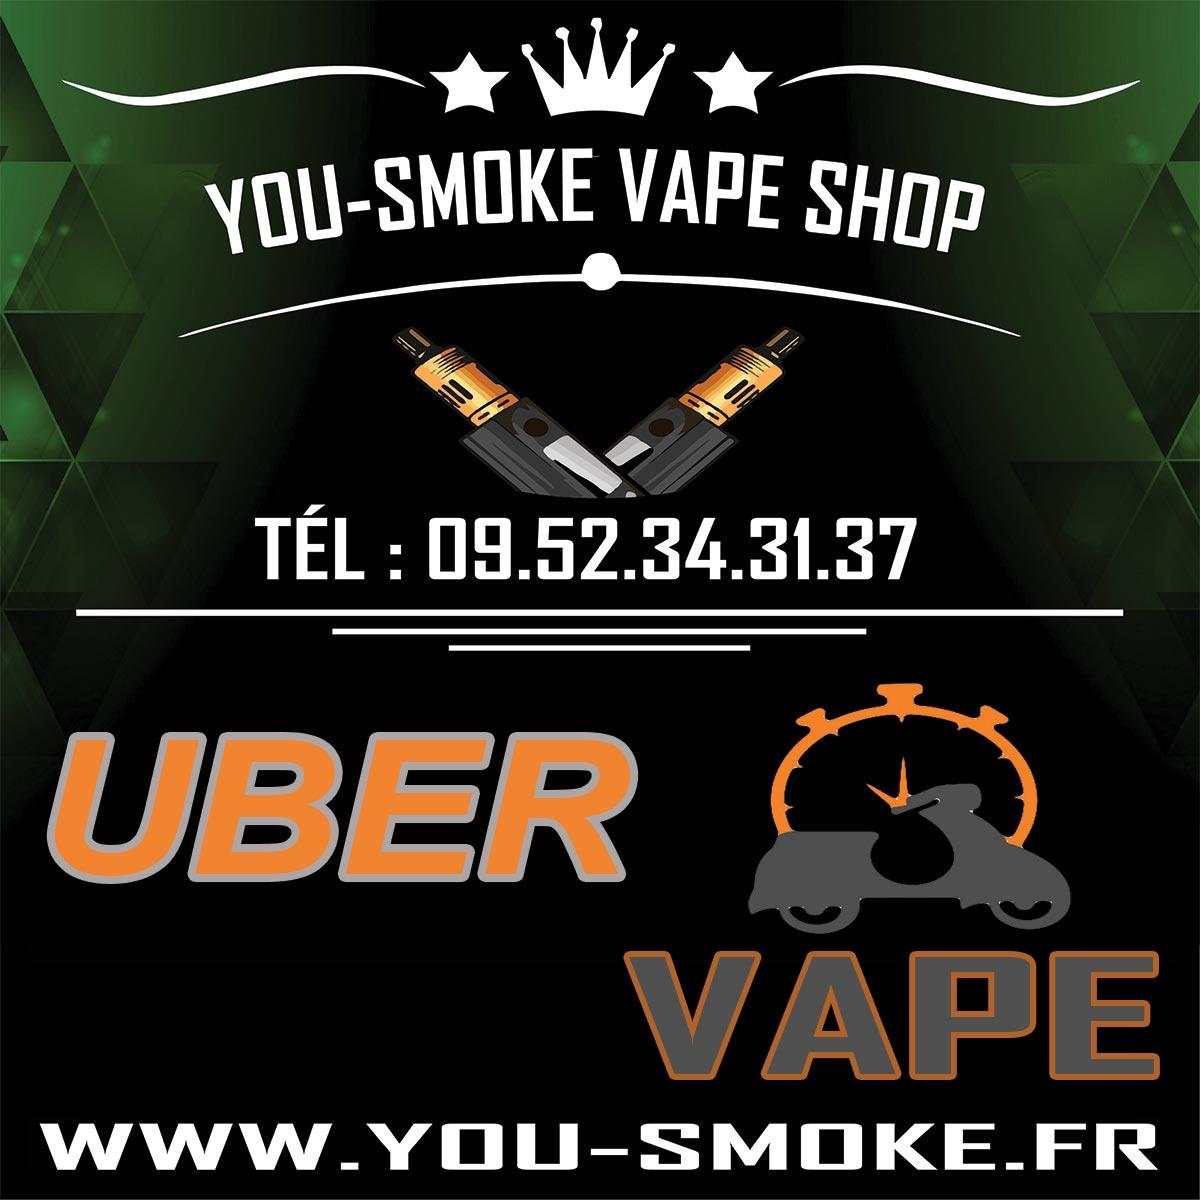 Boutique de vape spécialisée YOU-SMOKE située à VILLEPARISIS